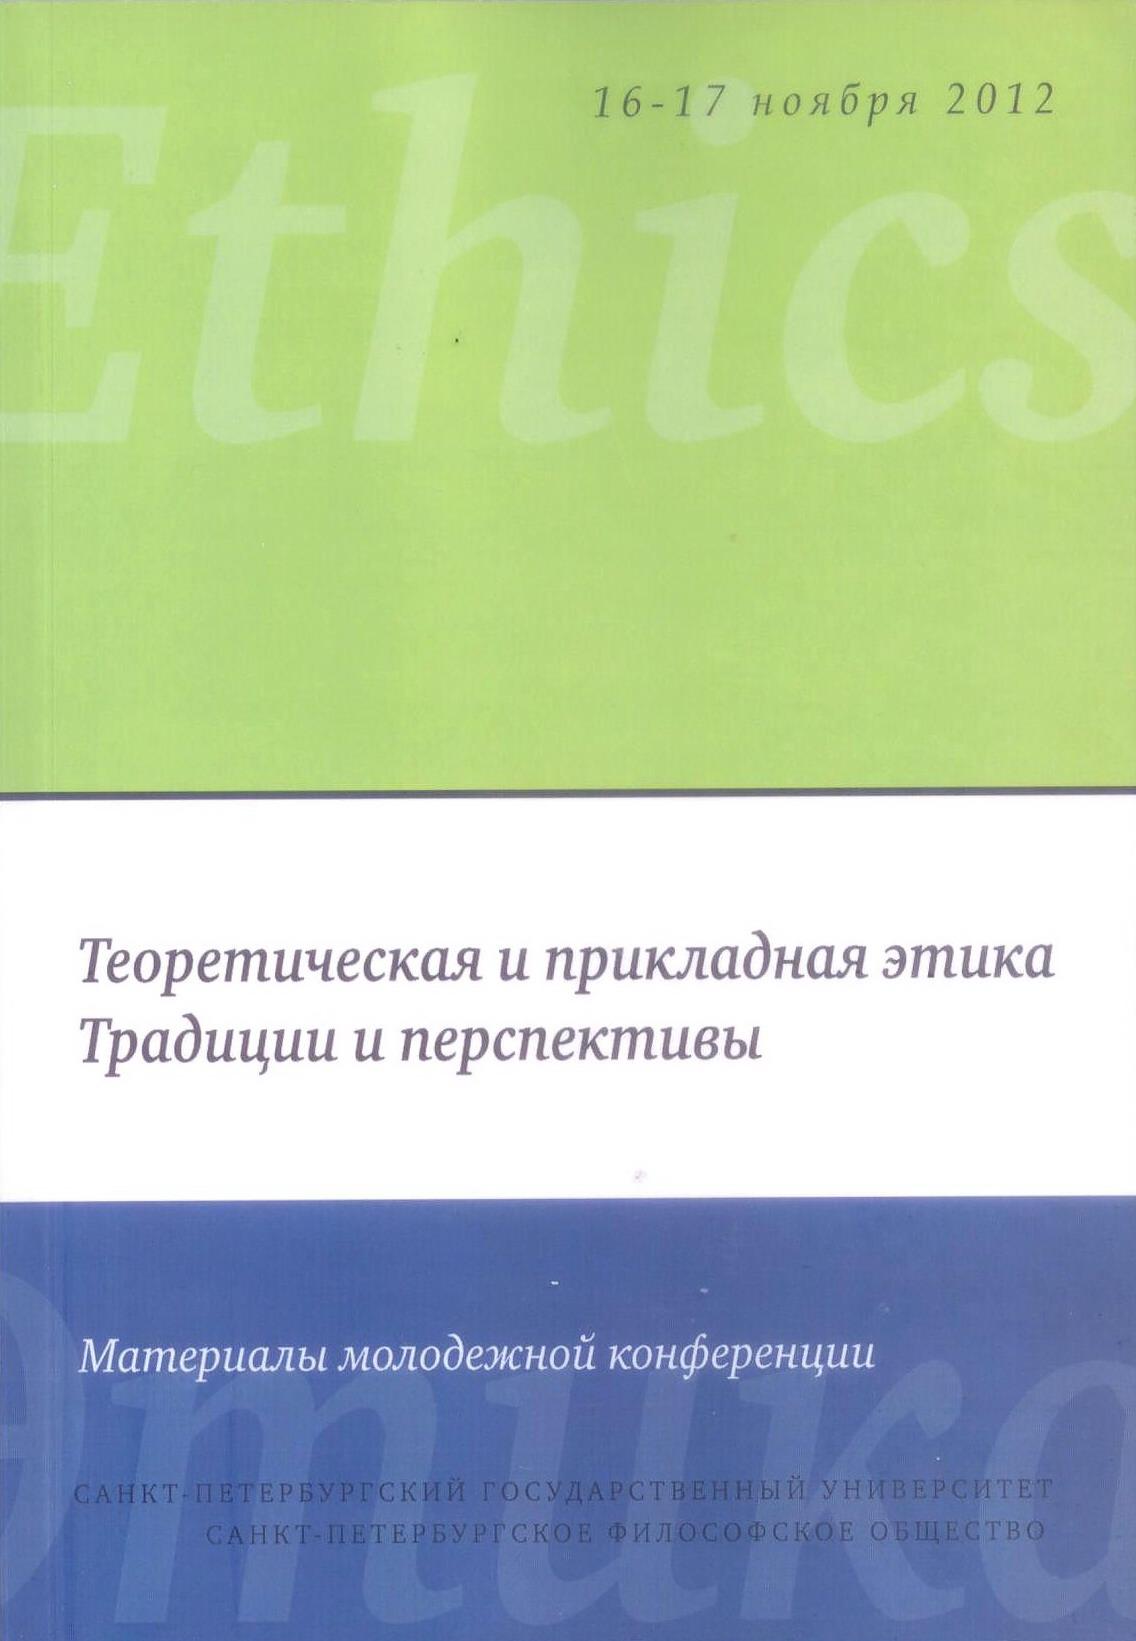 Христианская мета-этика: результаты исследования «отношение мыслителей римско-католической и греко-православной церквей к демократическим ценностям»